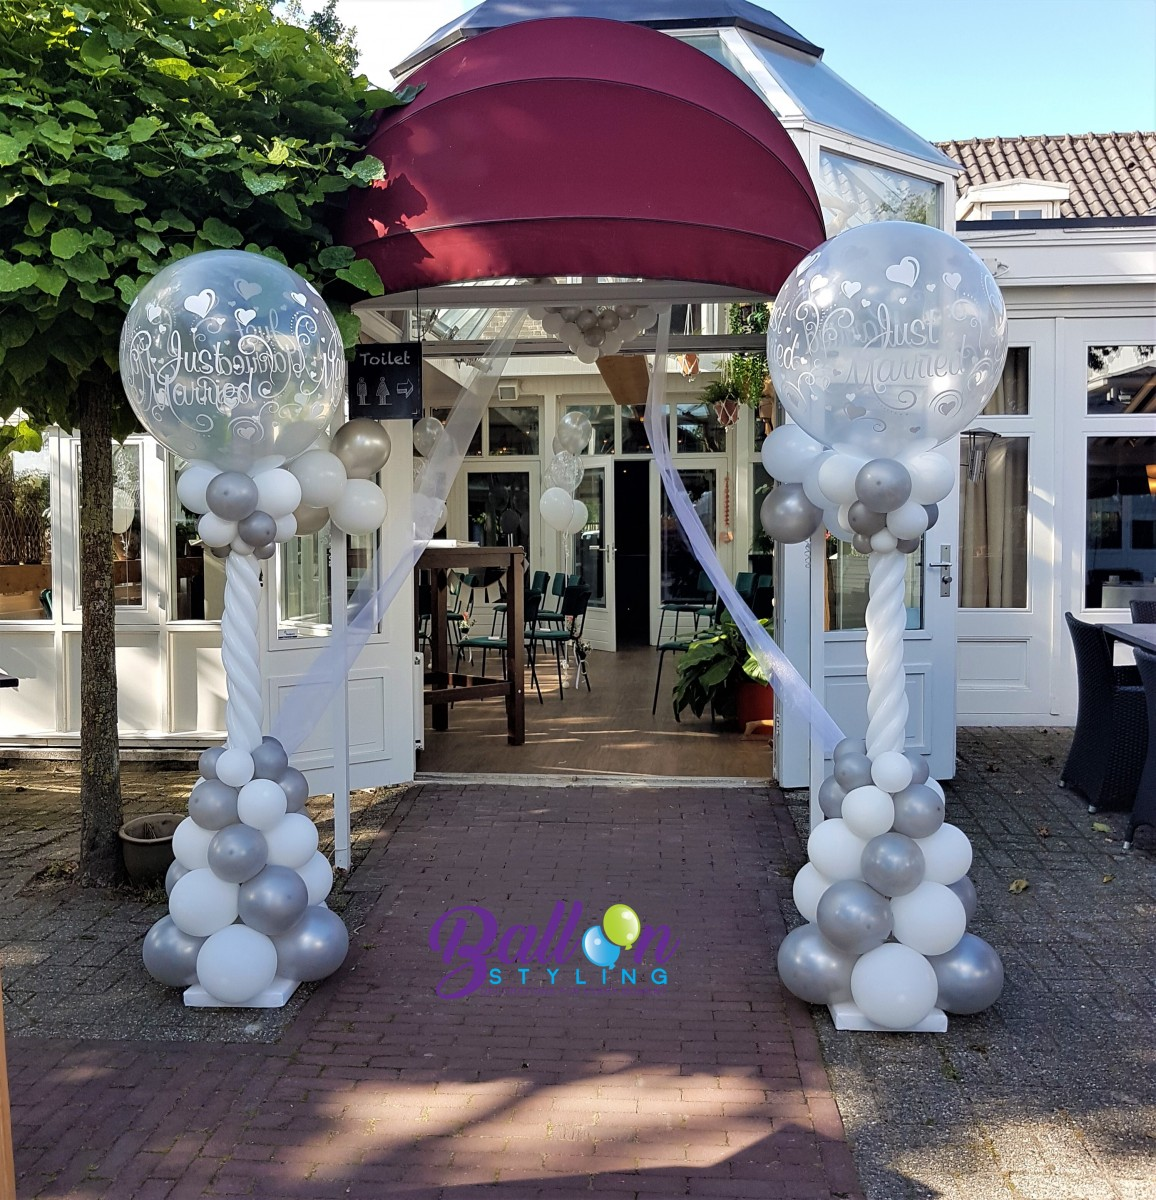 Balloon Styling Tilburg ballonnenpilaren ballonpilaar Just Married huwelijk trouwerij ballonnen Tilburg (1)